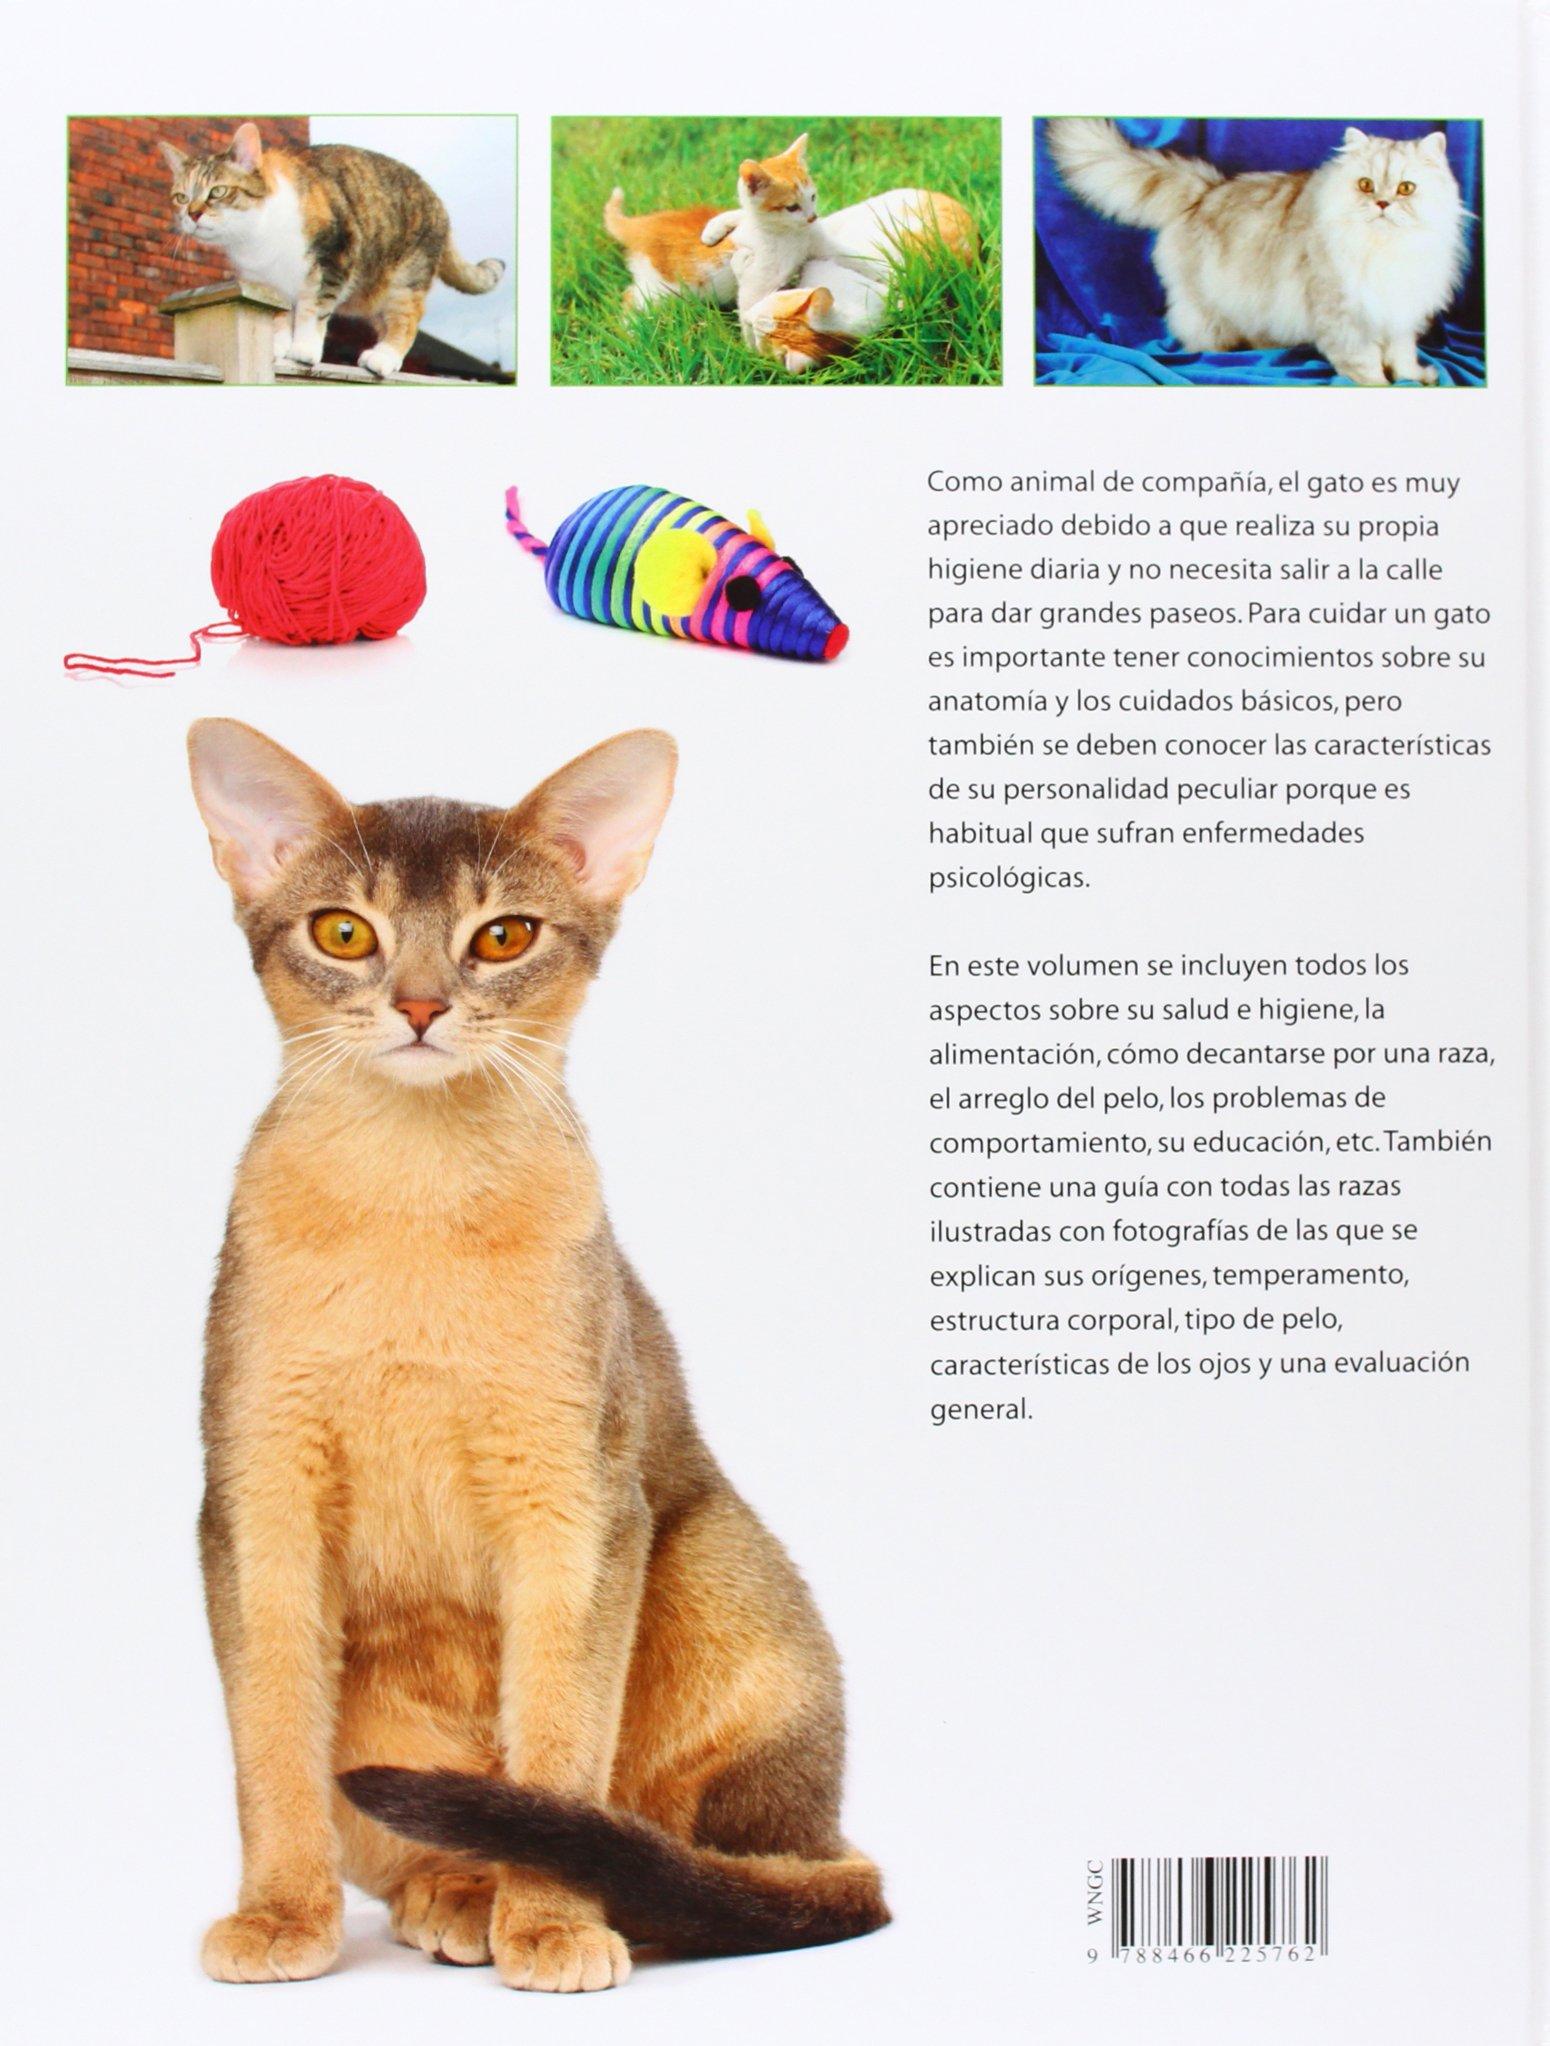 Guía práctica del gato / Cat Practical Guide (Spanish Edition): Claire Bessant, Blanca del Cerro: 9788466225762: Amazon.com: Books